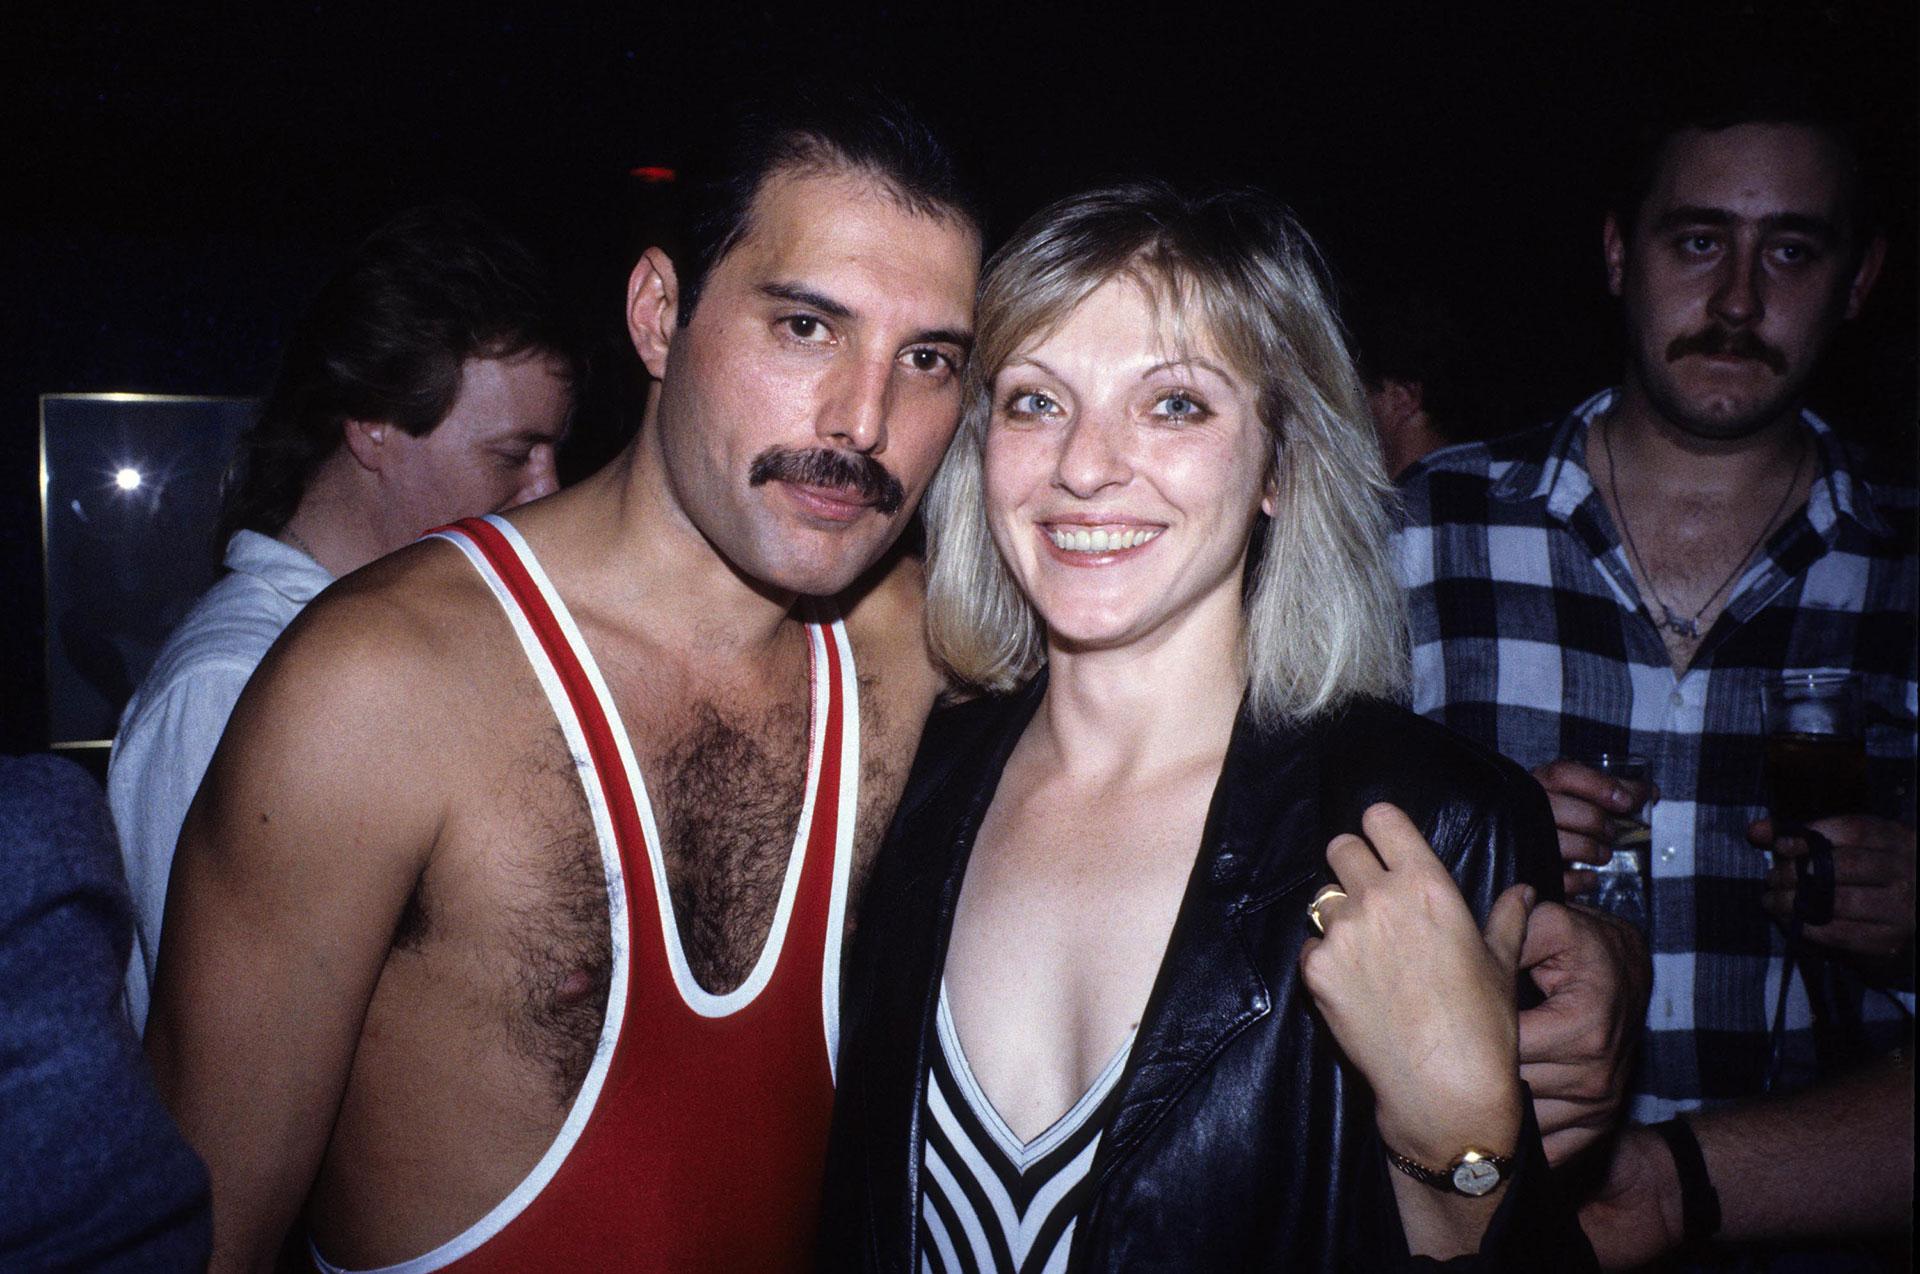 La intimidad de las últimas horas de Freddie Mercury antes de morir: el  particular rol de la mujer que fue el gran amor de su vida y un curioso  pedido final -